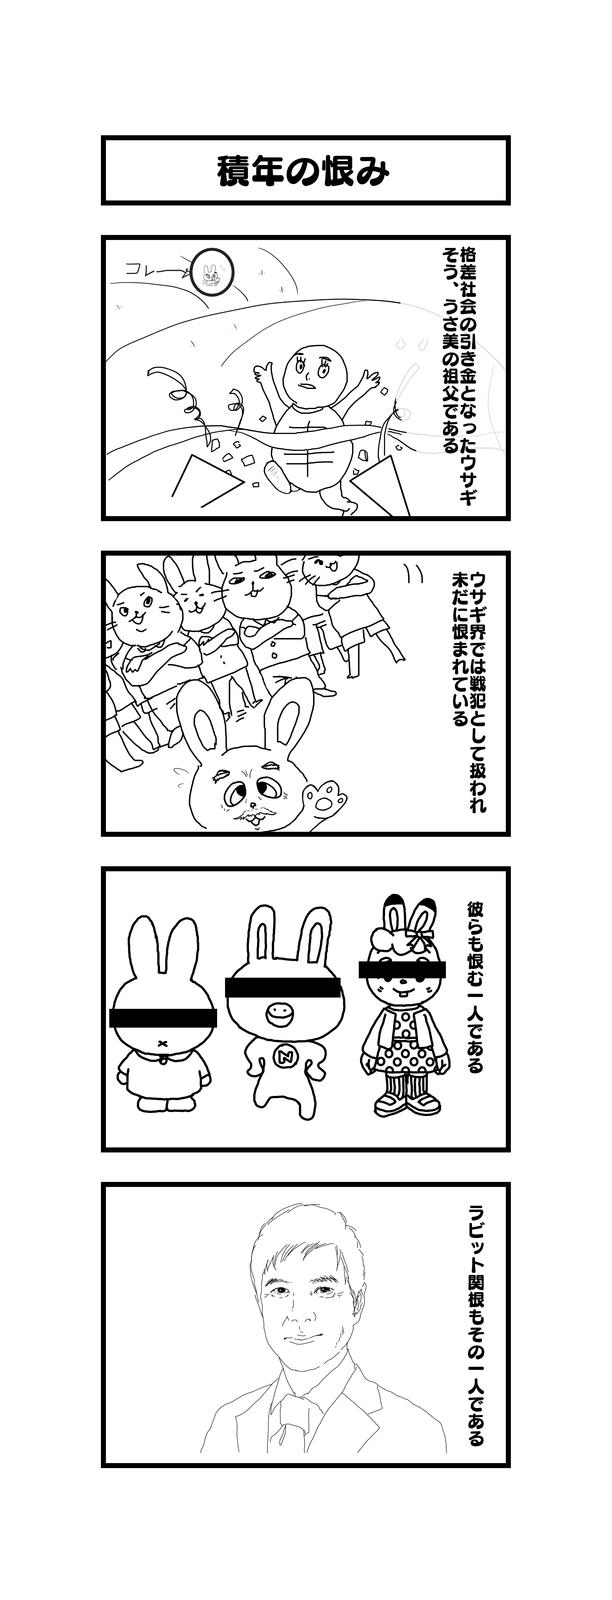 孫の代までウサギとカメ第16話